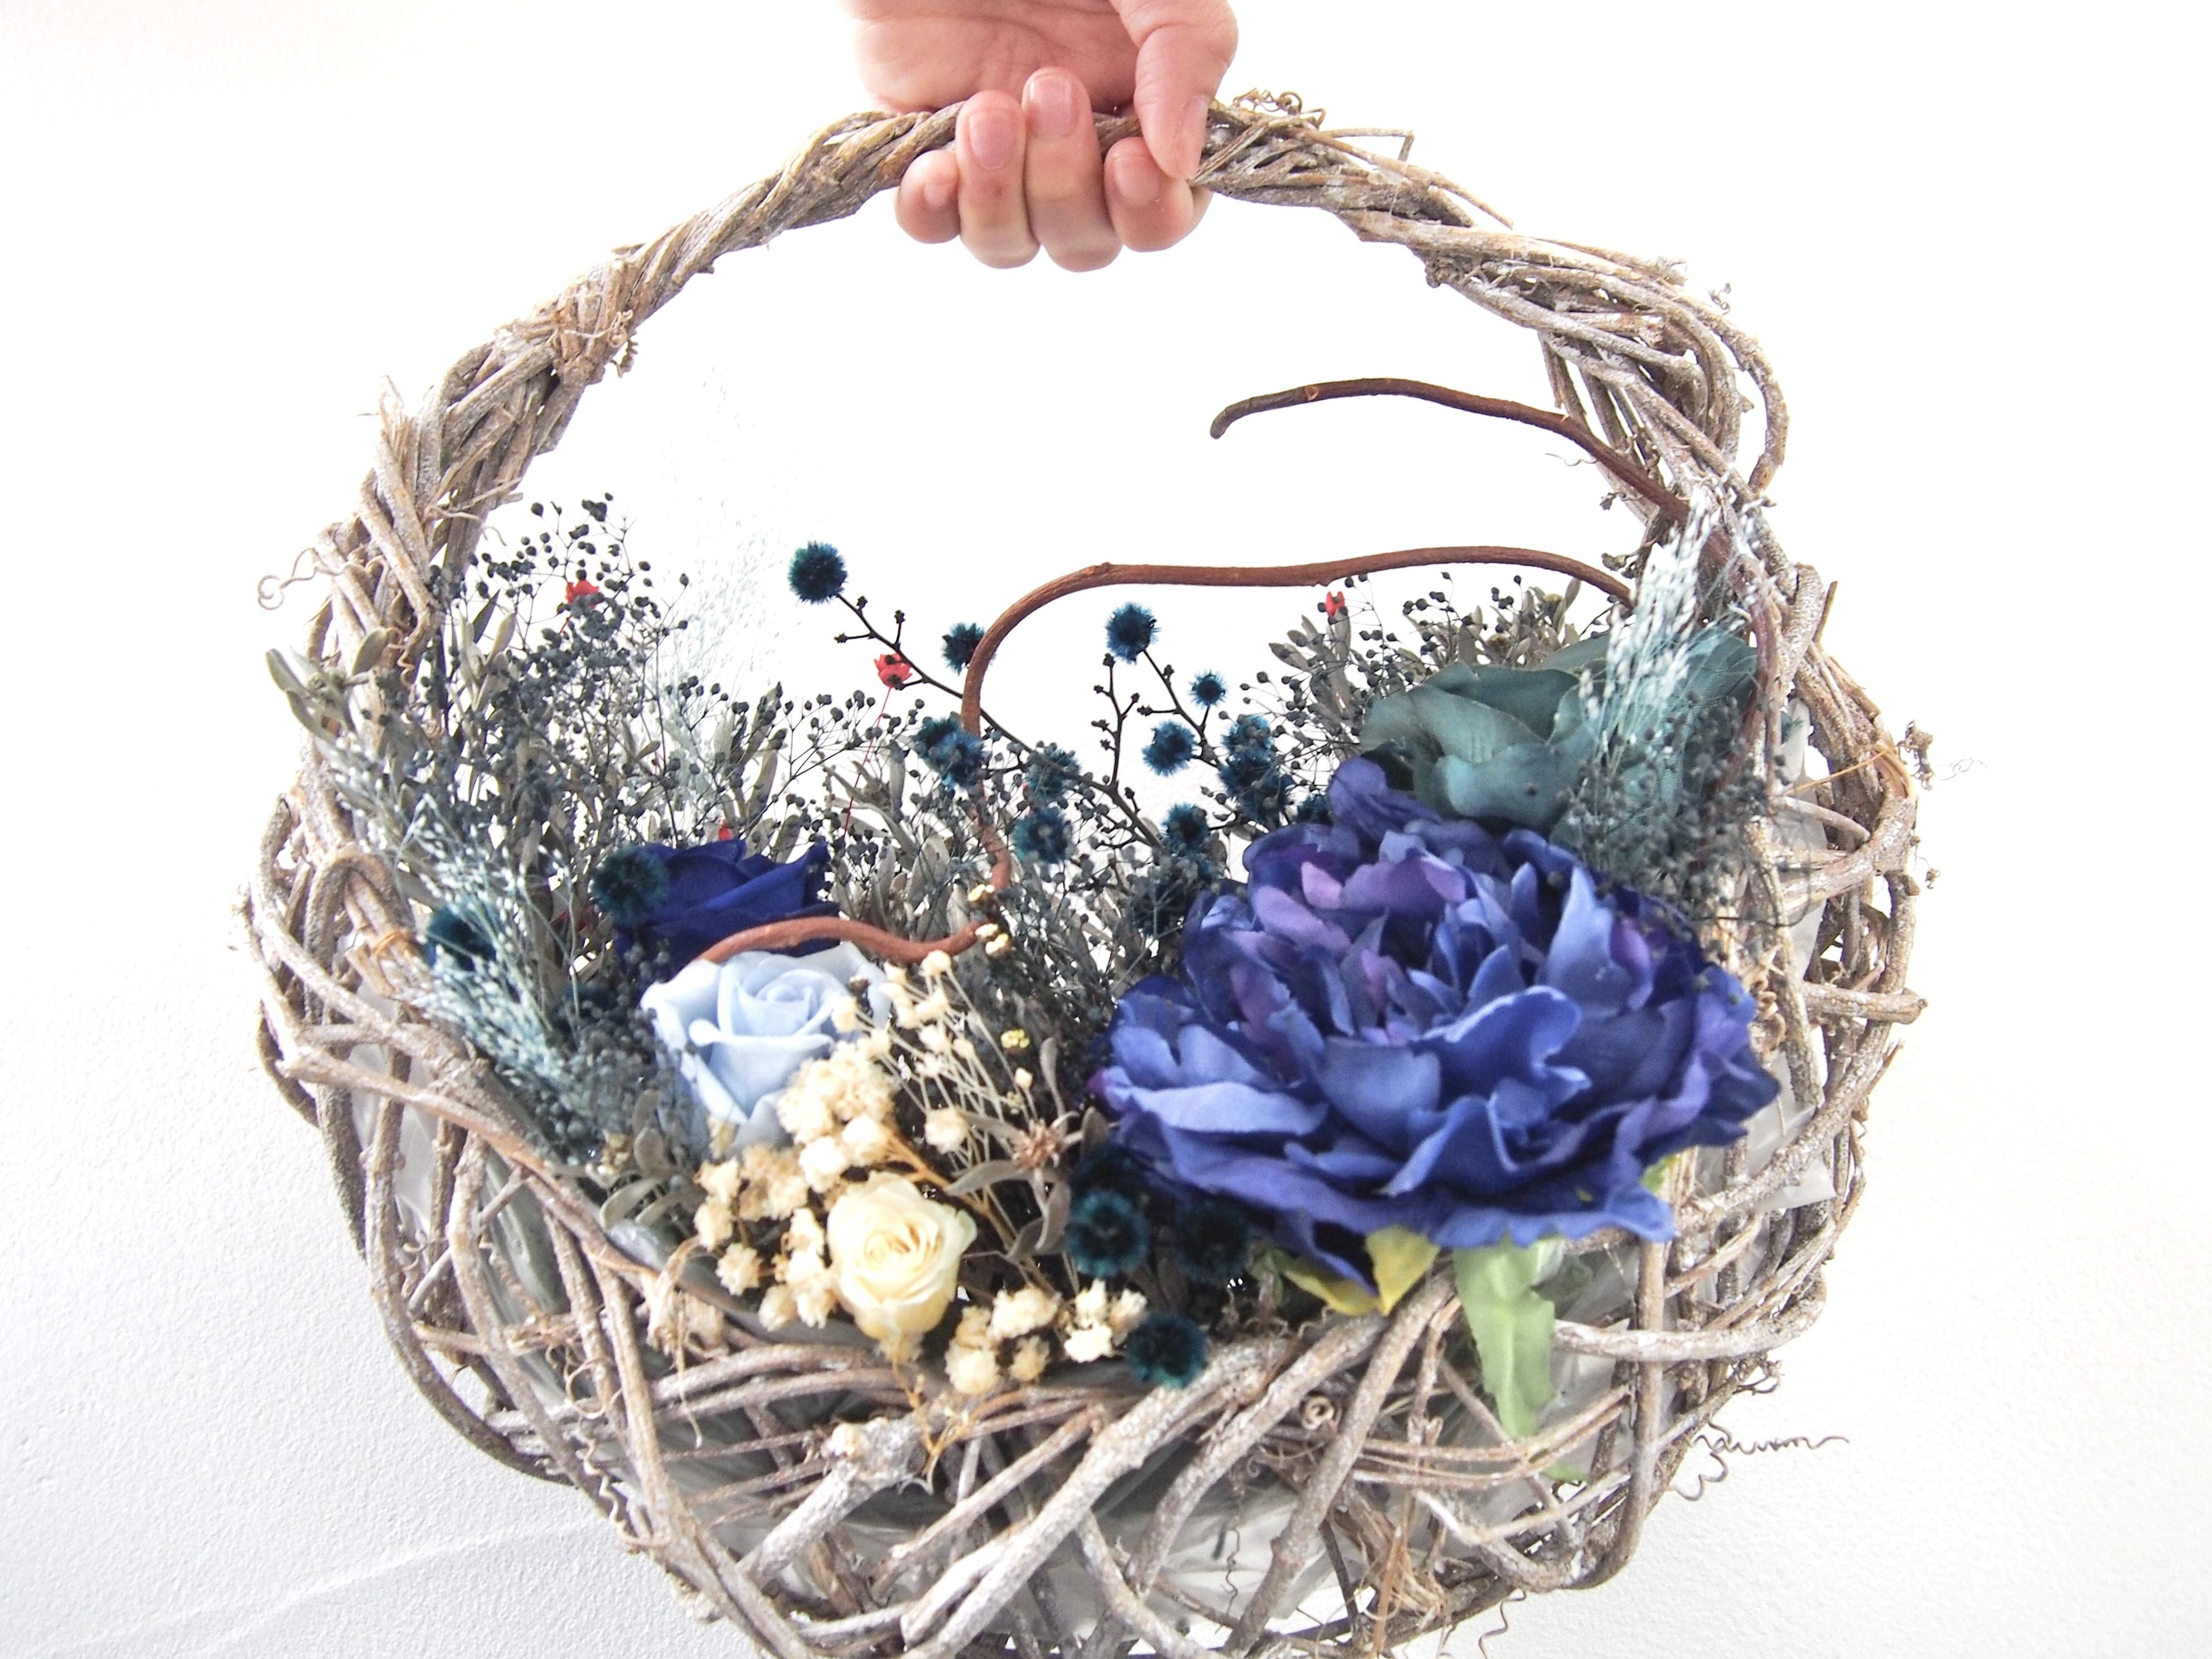 艶めき 和 ブルーパープル 花摘み バスケット アレンジ リース ブーケ